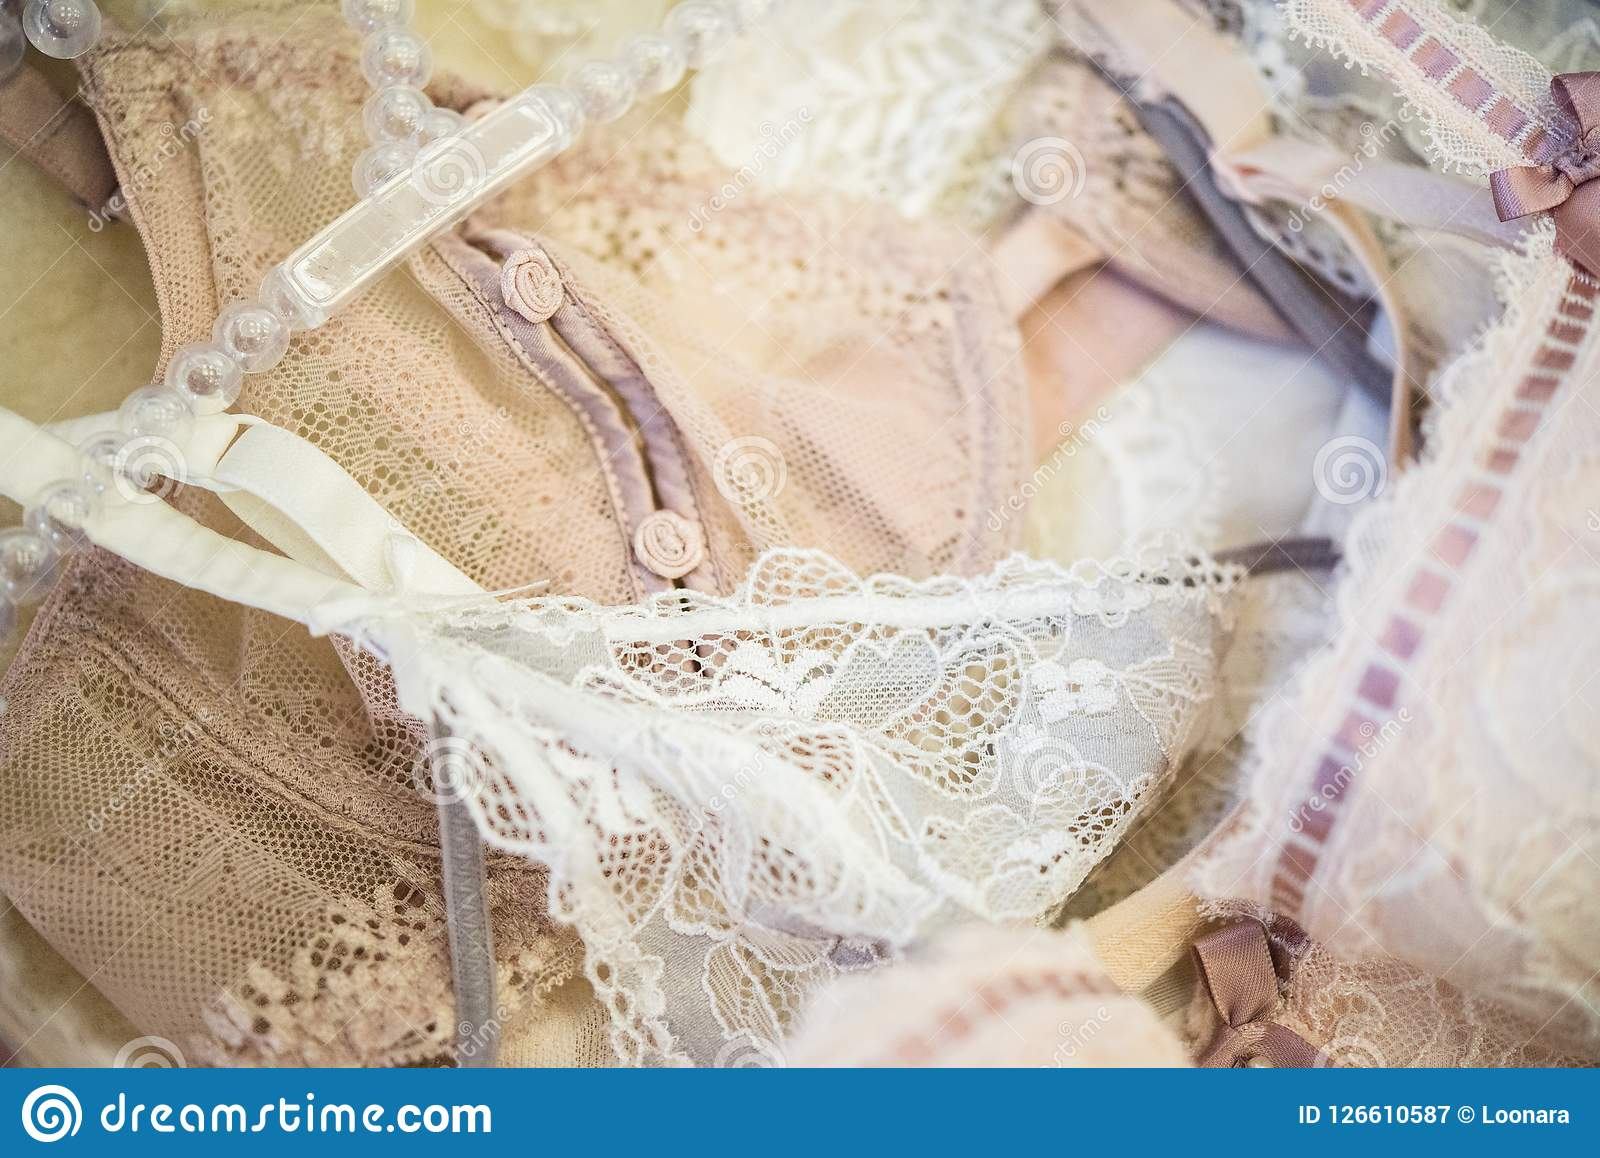 Elegante Frauen ` s Unterwäsche, Spitze bas, Wäschedetails